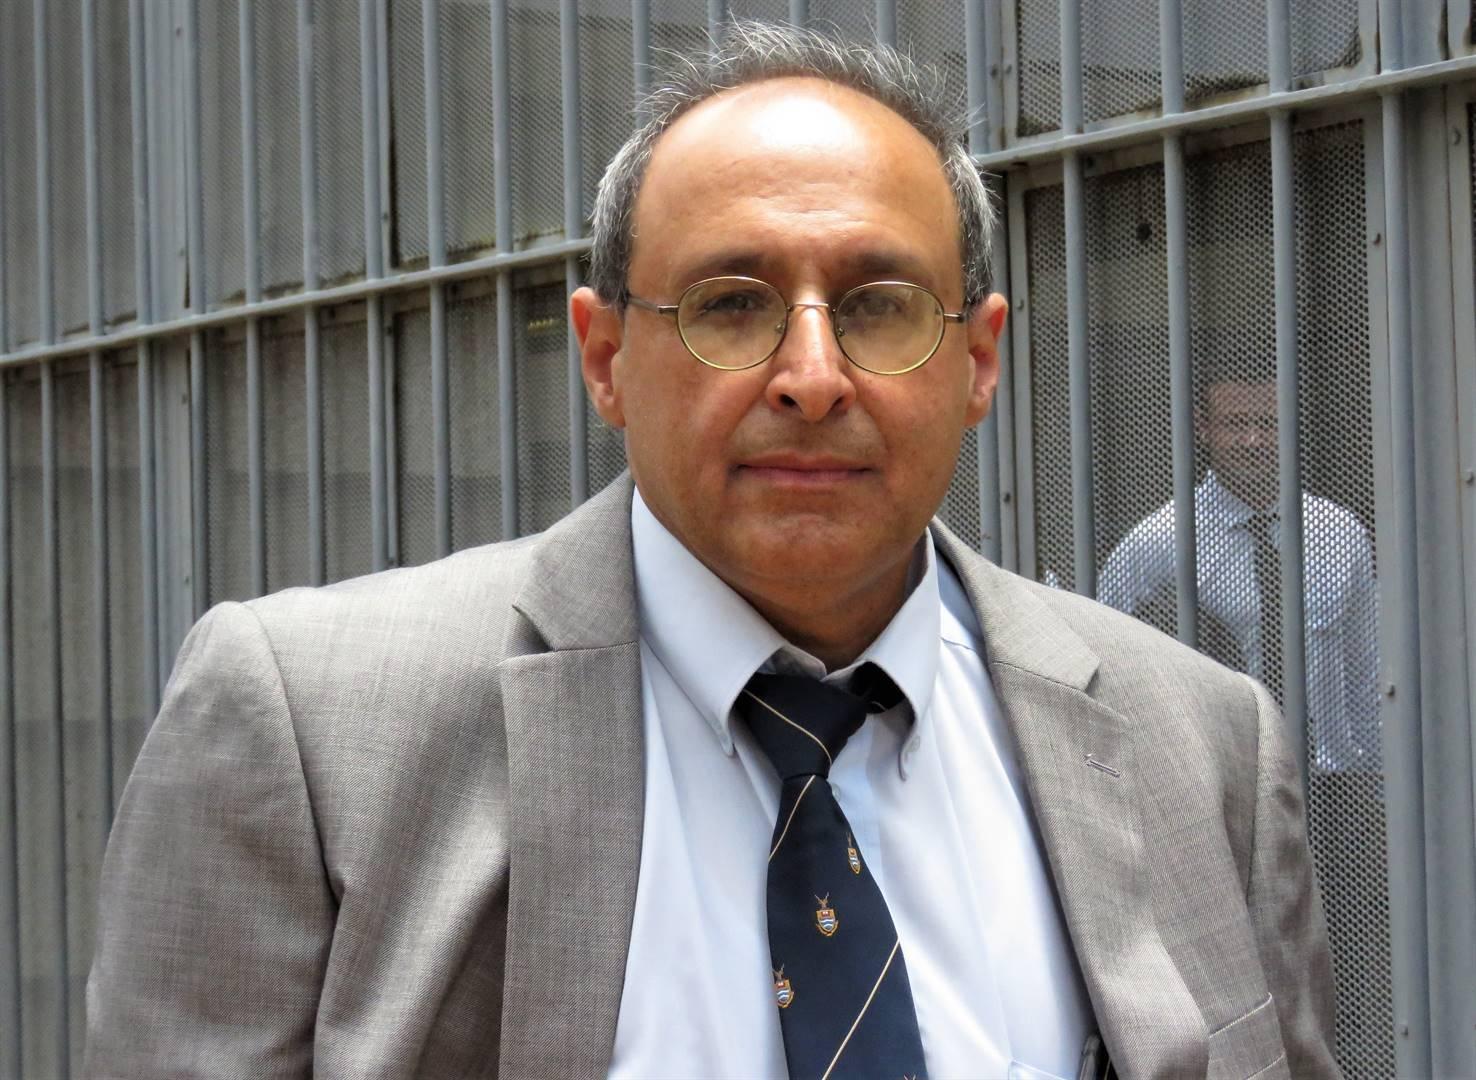 Joburg businessman at centre of criminal case against Dr Munshi denies links to his murder - News24